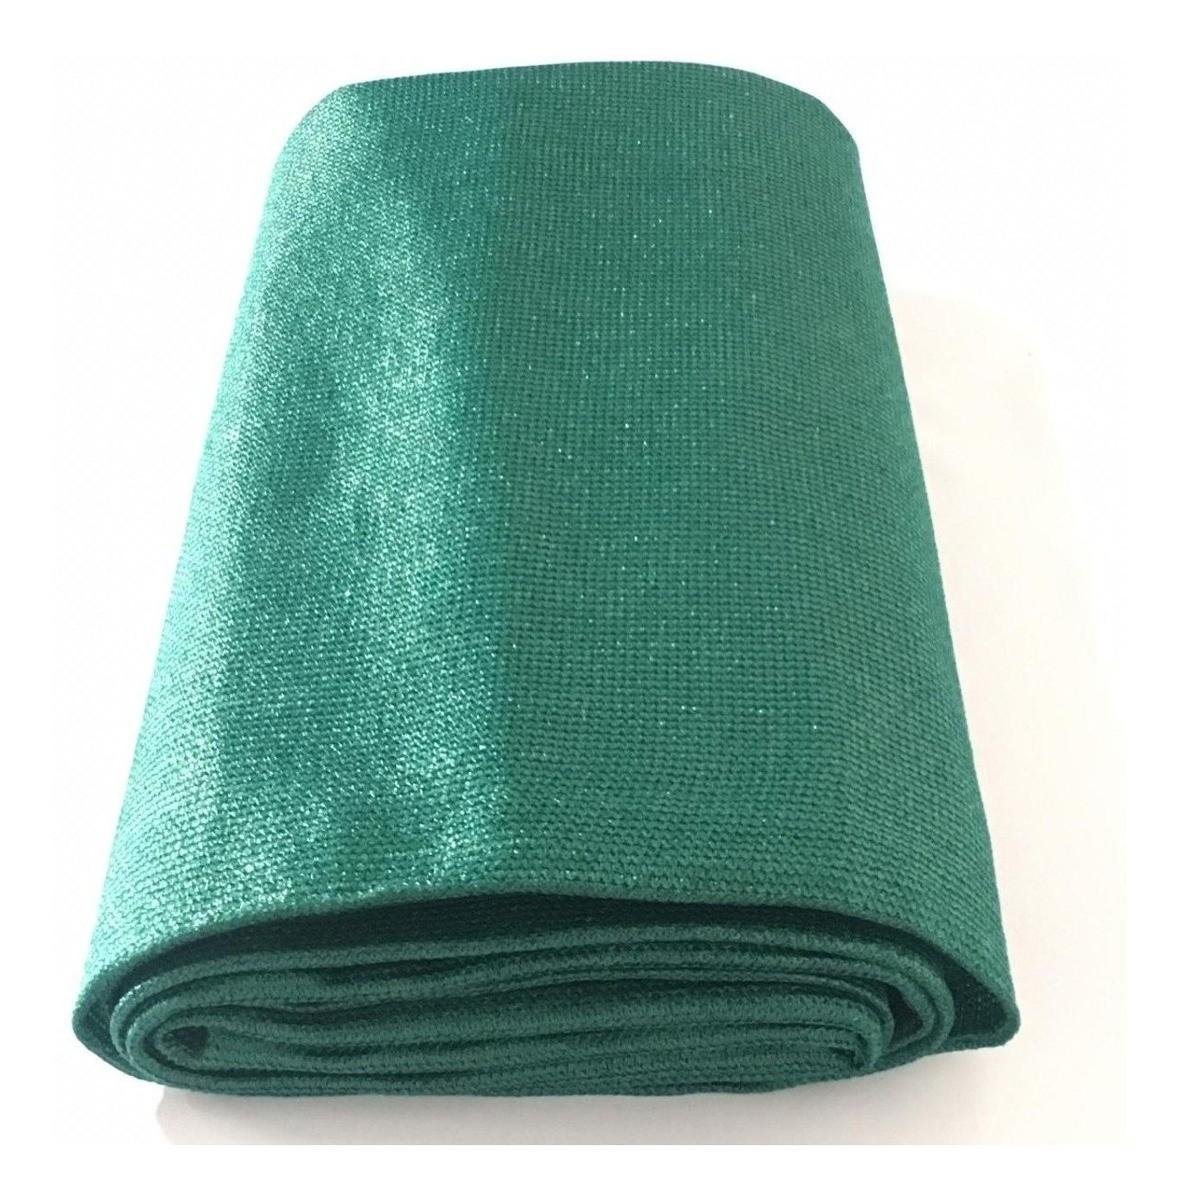 Tela Shade Sombrite Toldo Decorativa Verde Com Bainha e Ilhós 5x6m